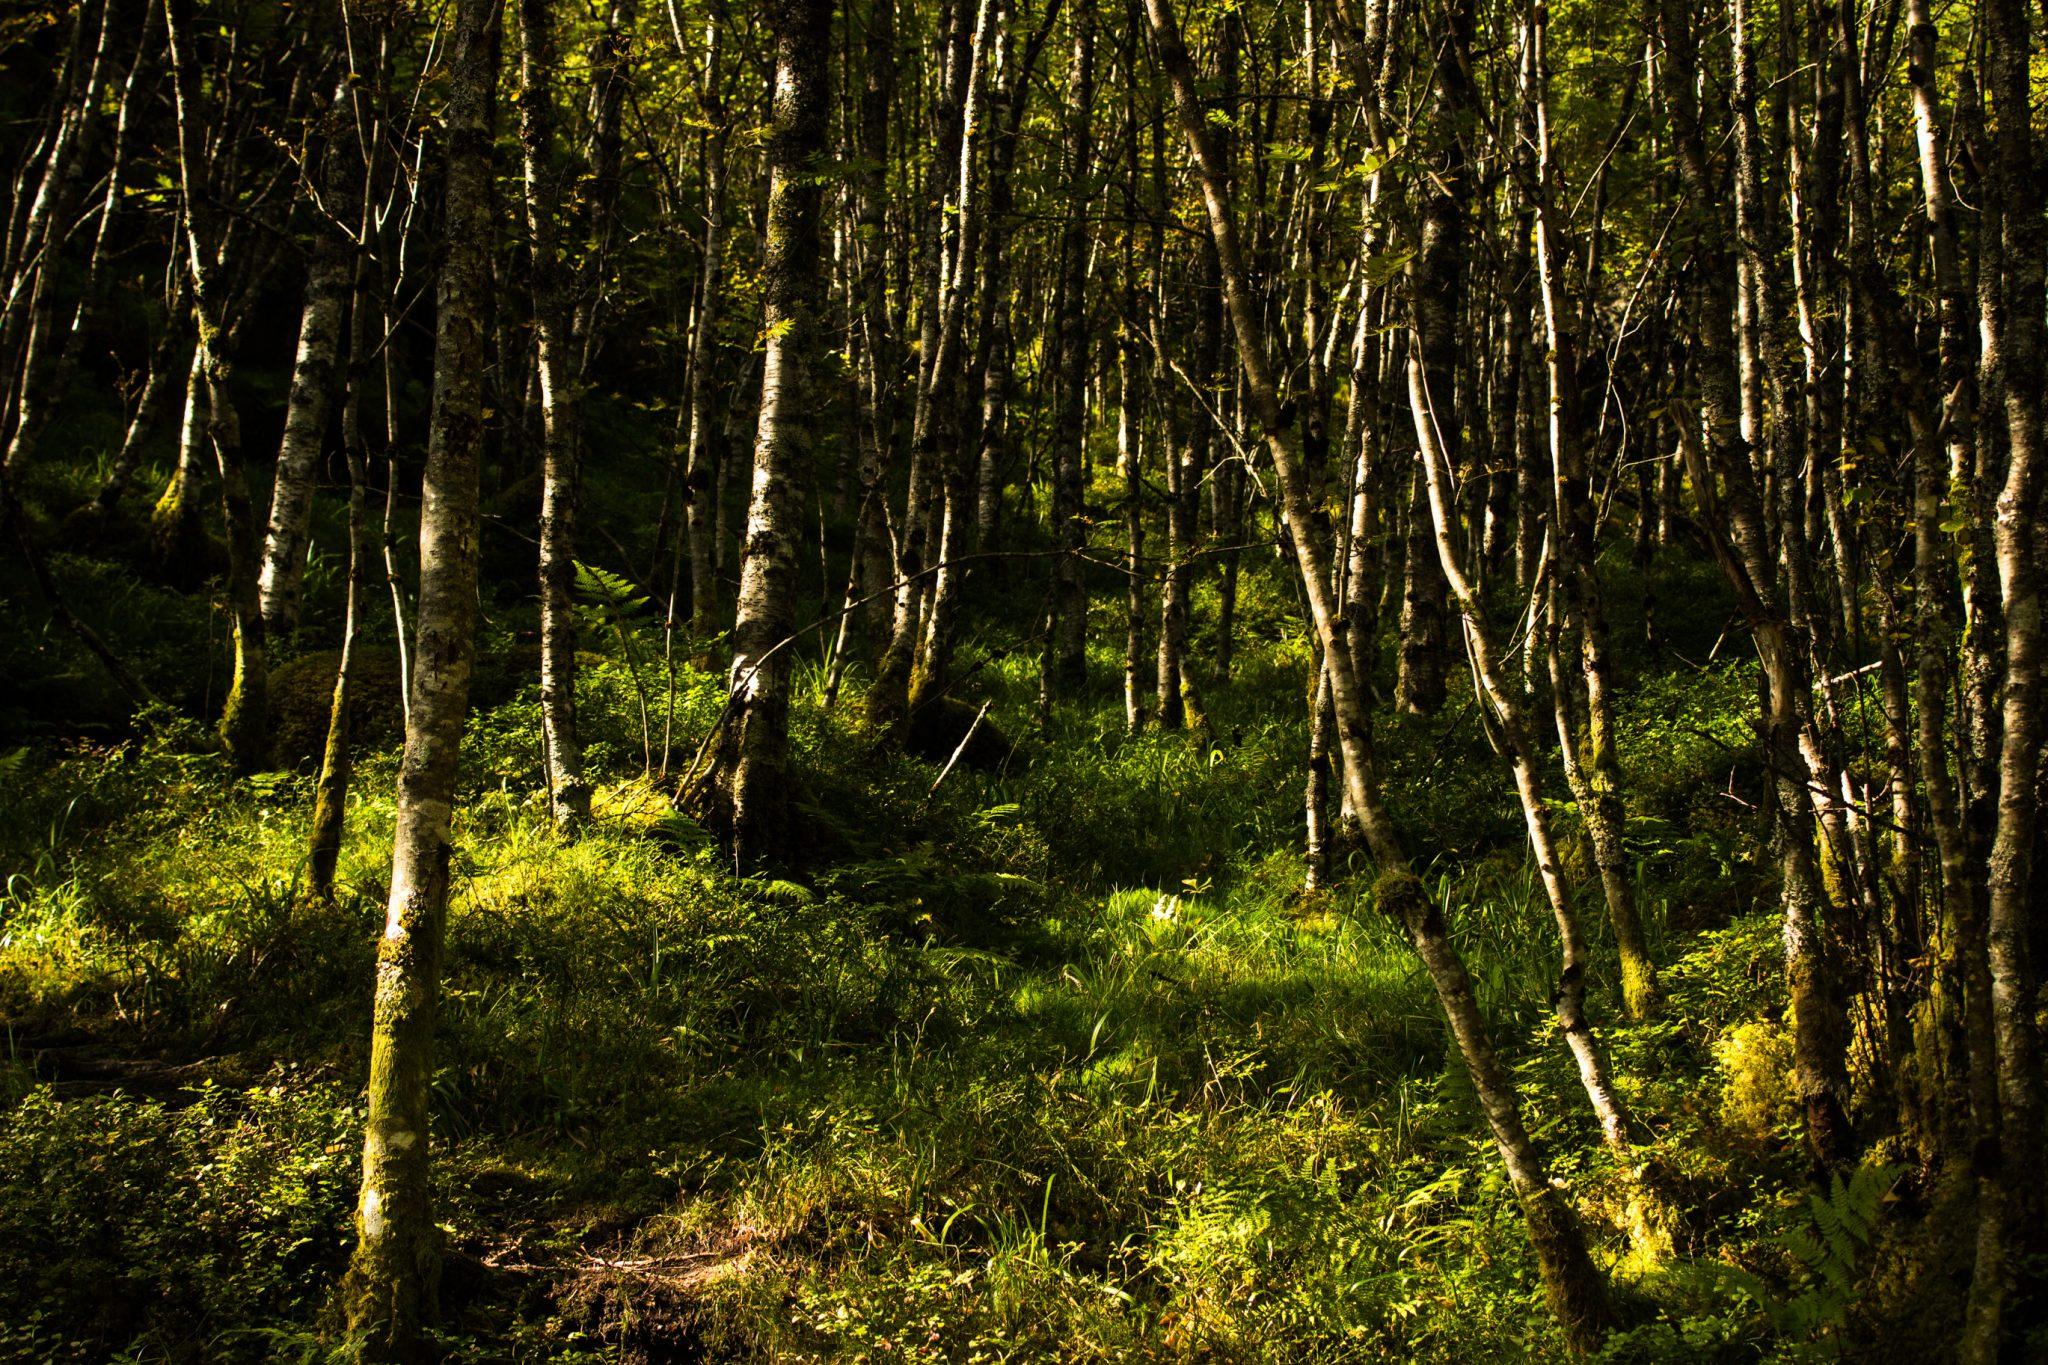 Wanderung vom Ort Sundal bis zum Gletscher Bondhusbreen im Folgefonna Nationalpark, saftige grüne Vegetation im Wald, Sonne scheint bis zum Erdboden